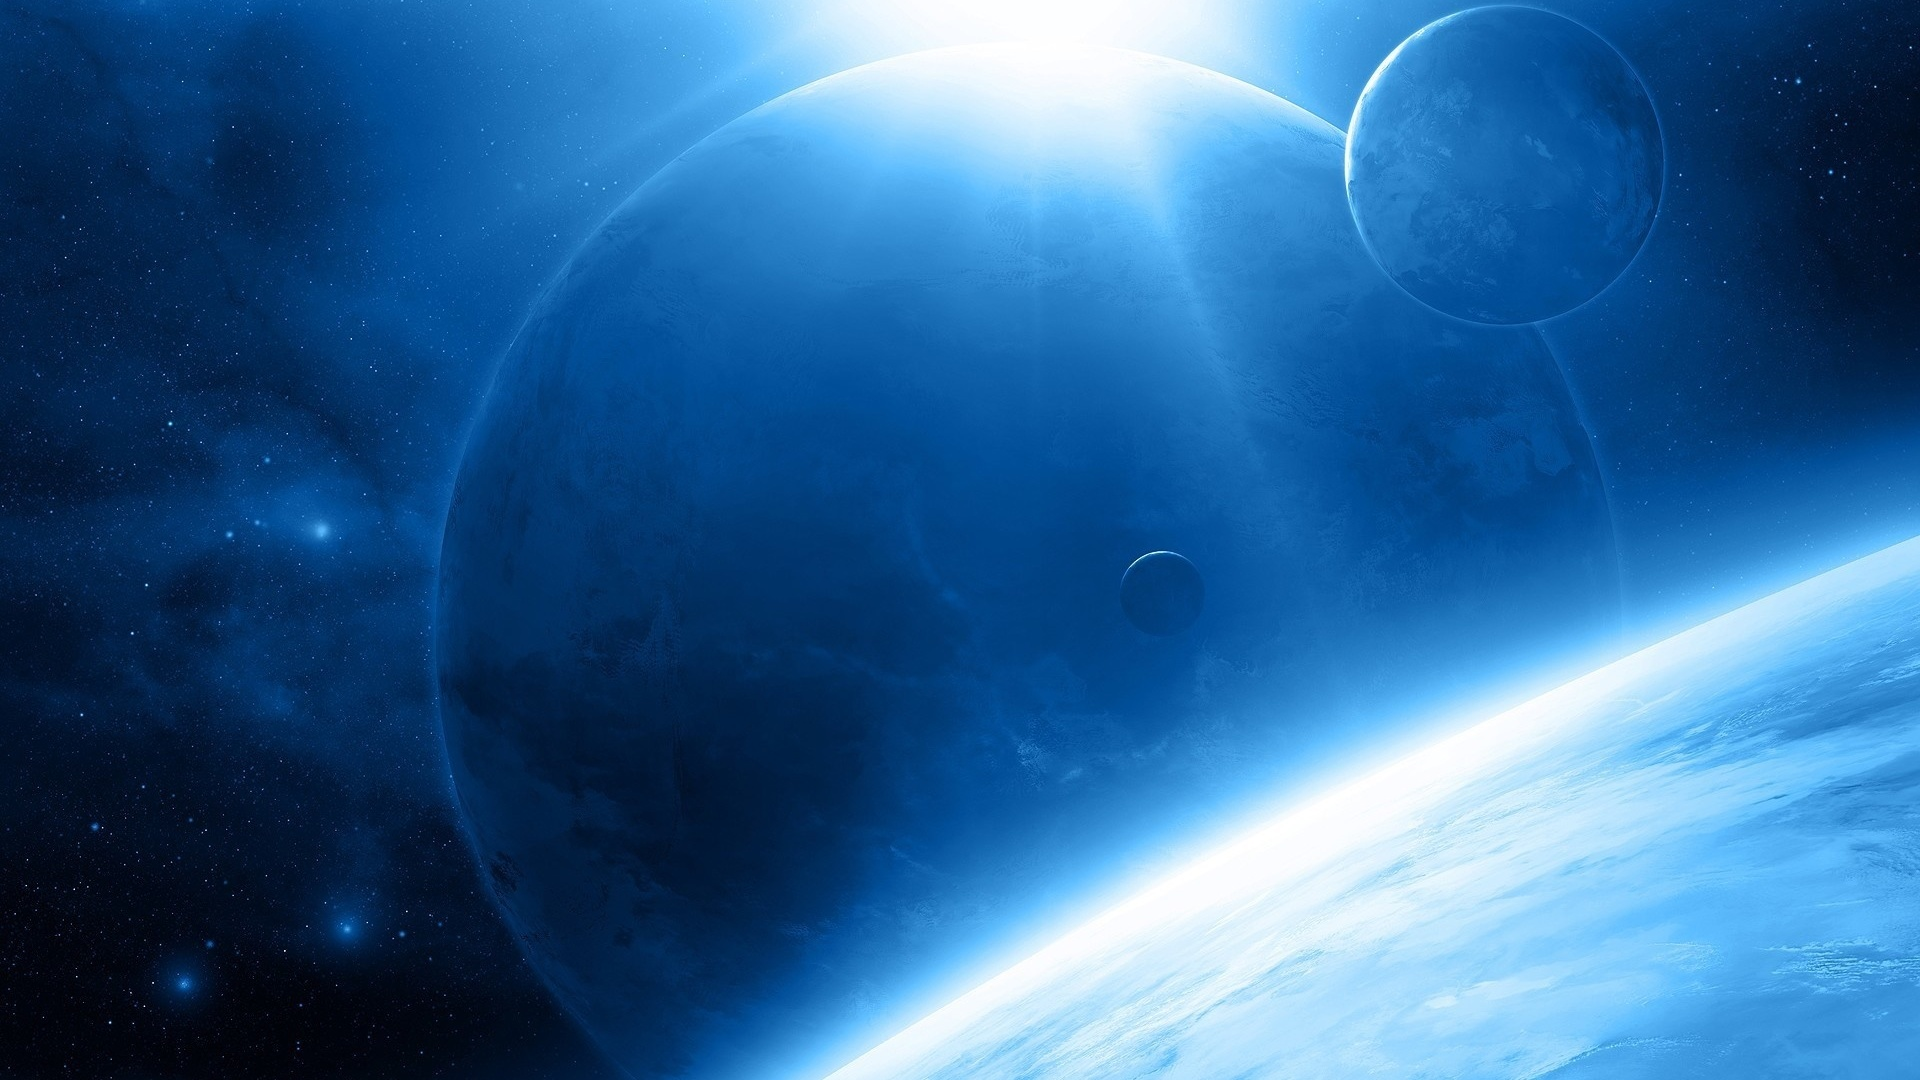 меня картинки космоса в лучшем качестве покорный